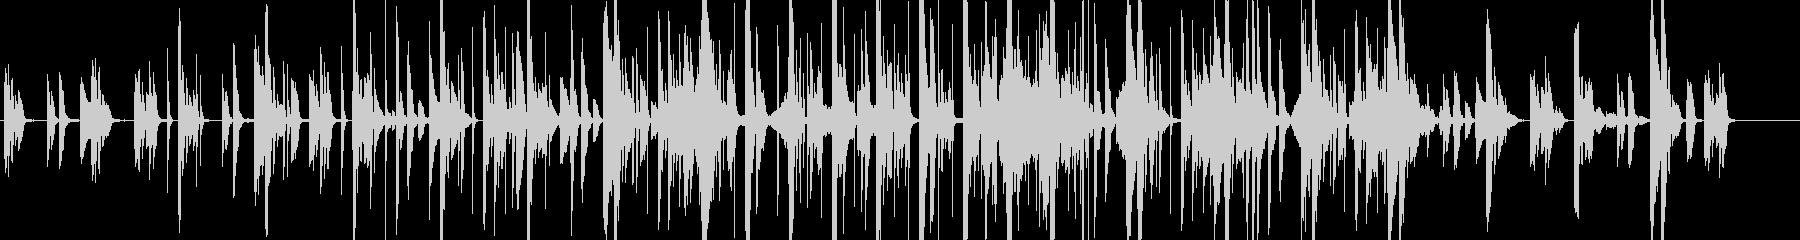 ピアノを主旋律とした透明感あるエレクトロの未再生の波形